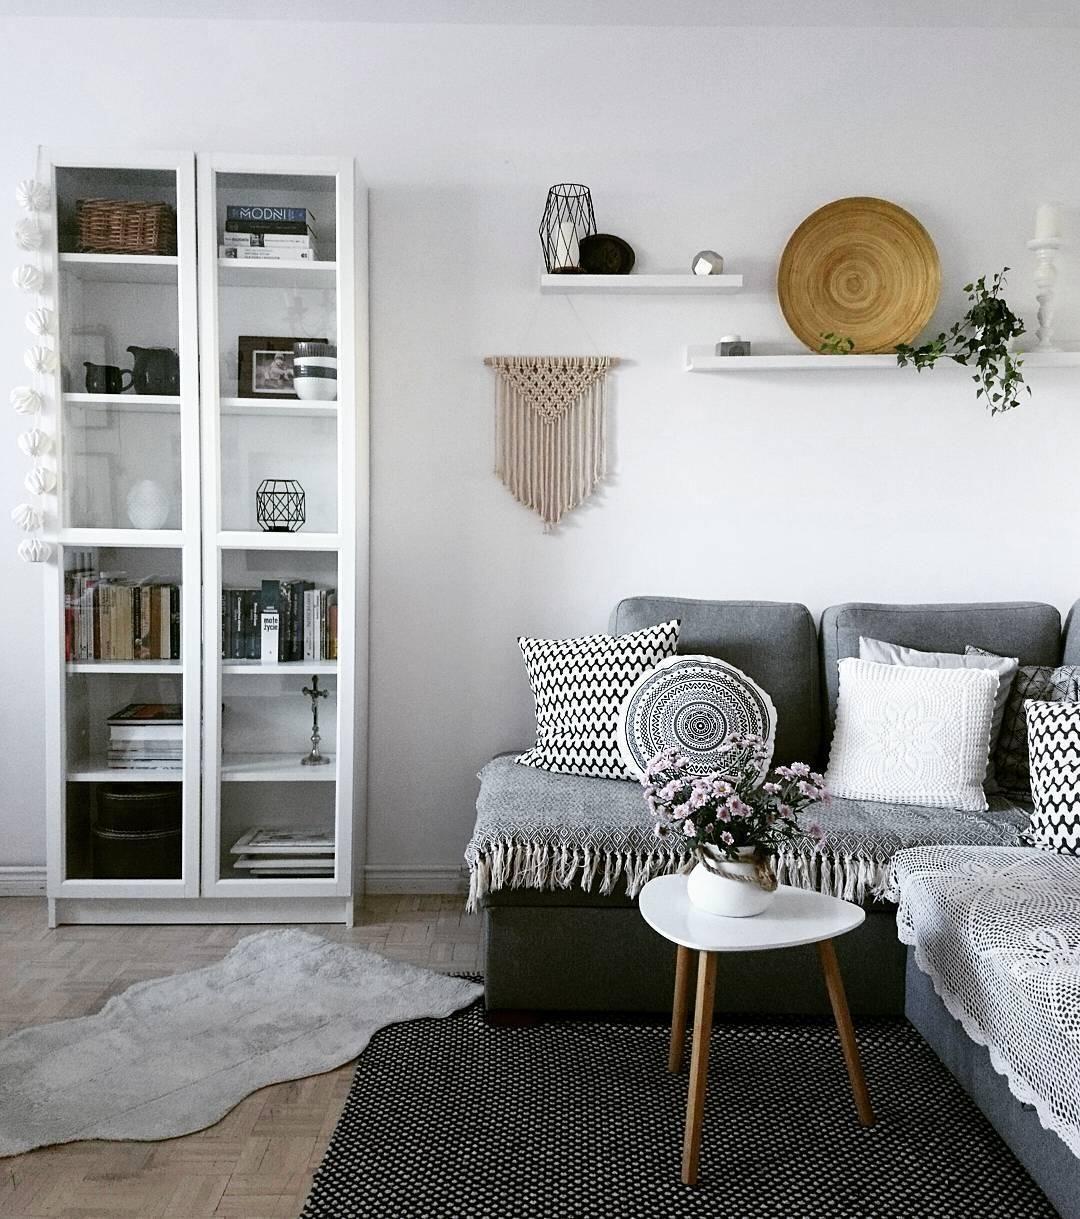 Boho U0026 Soft Ethno   Wir Lieben Diesen Style, Vor Allem Im Wohnzimmer! Holt  Euch Den Look Nach Hause Mit Accessoires Wie Gemusterten Kissenhüllen, ...